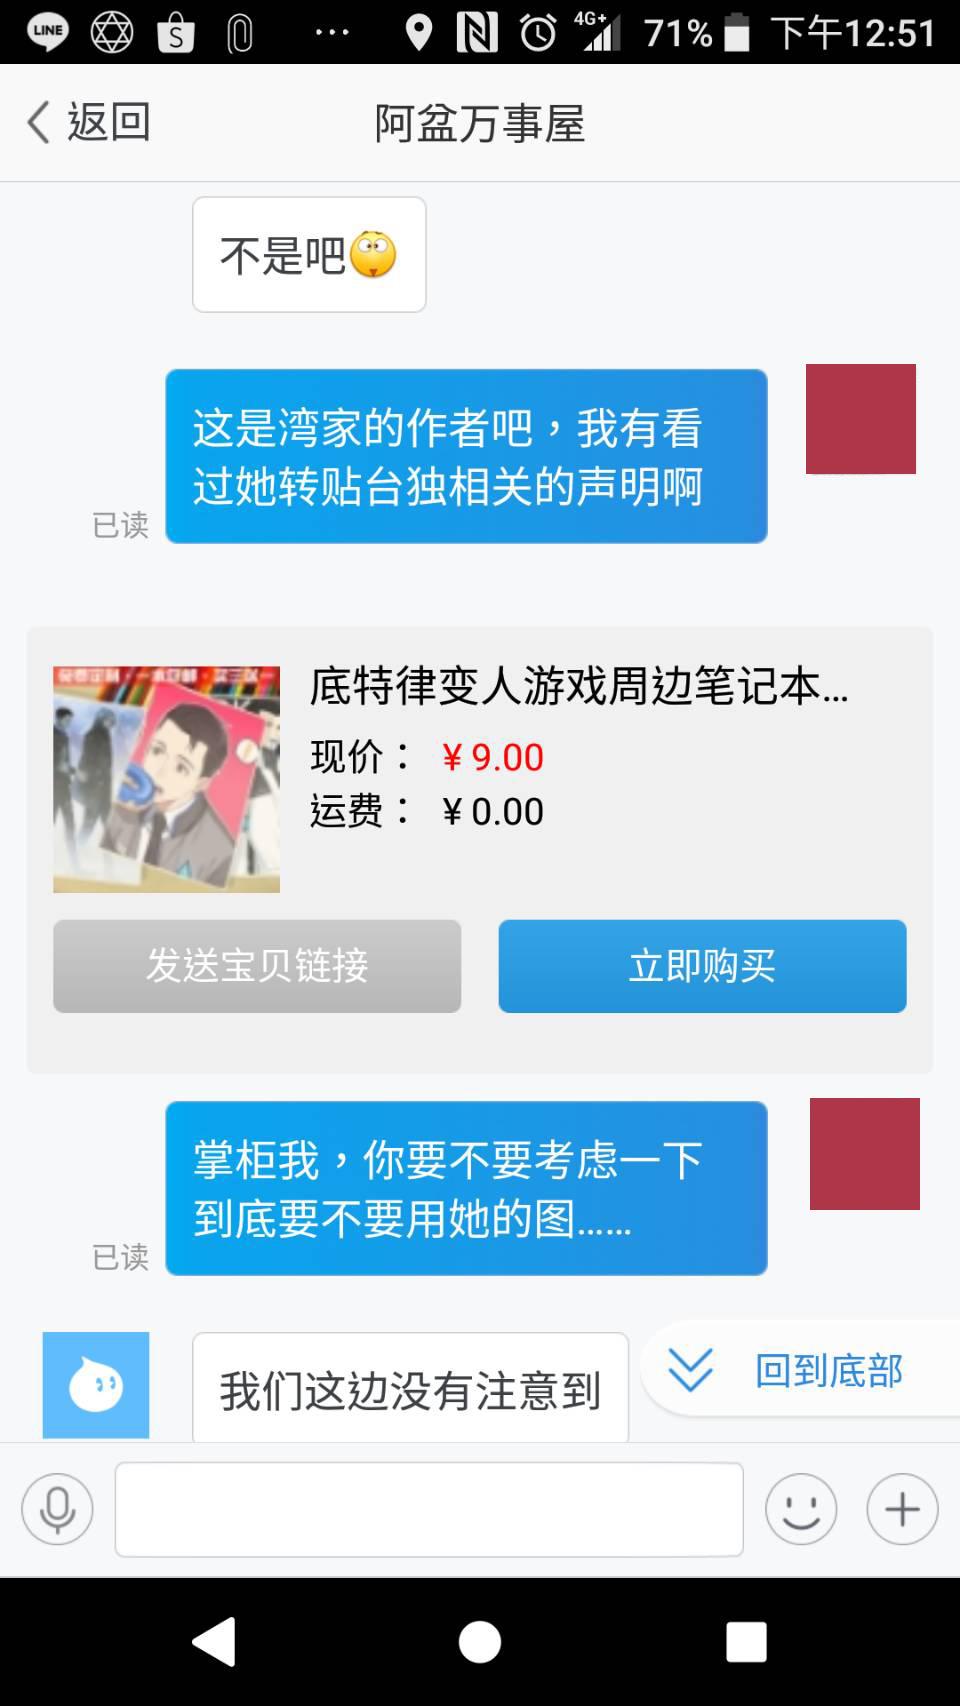 【麻辣总局】境外维权说台独 境内报警说上访